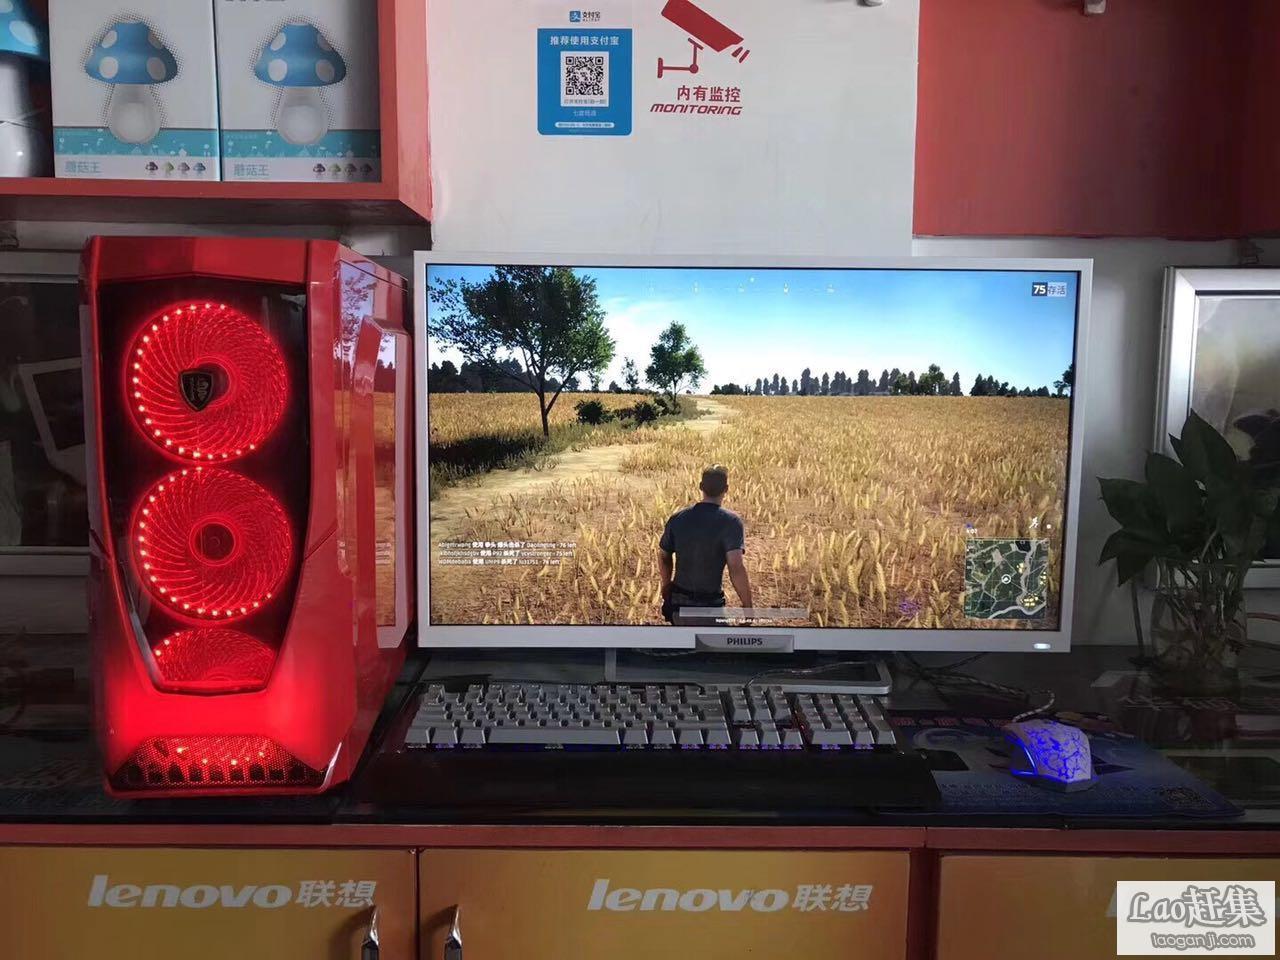 台式专业游戏电脑